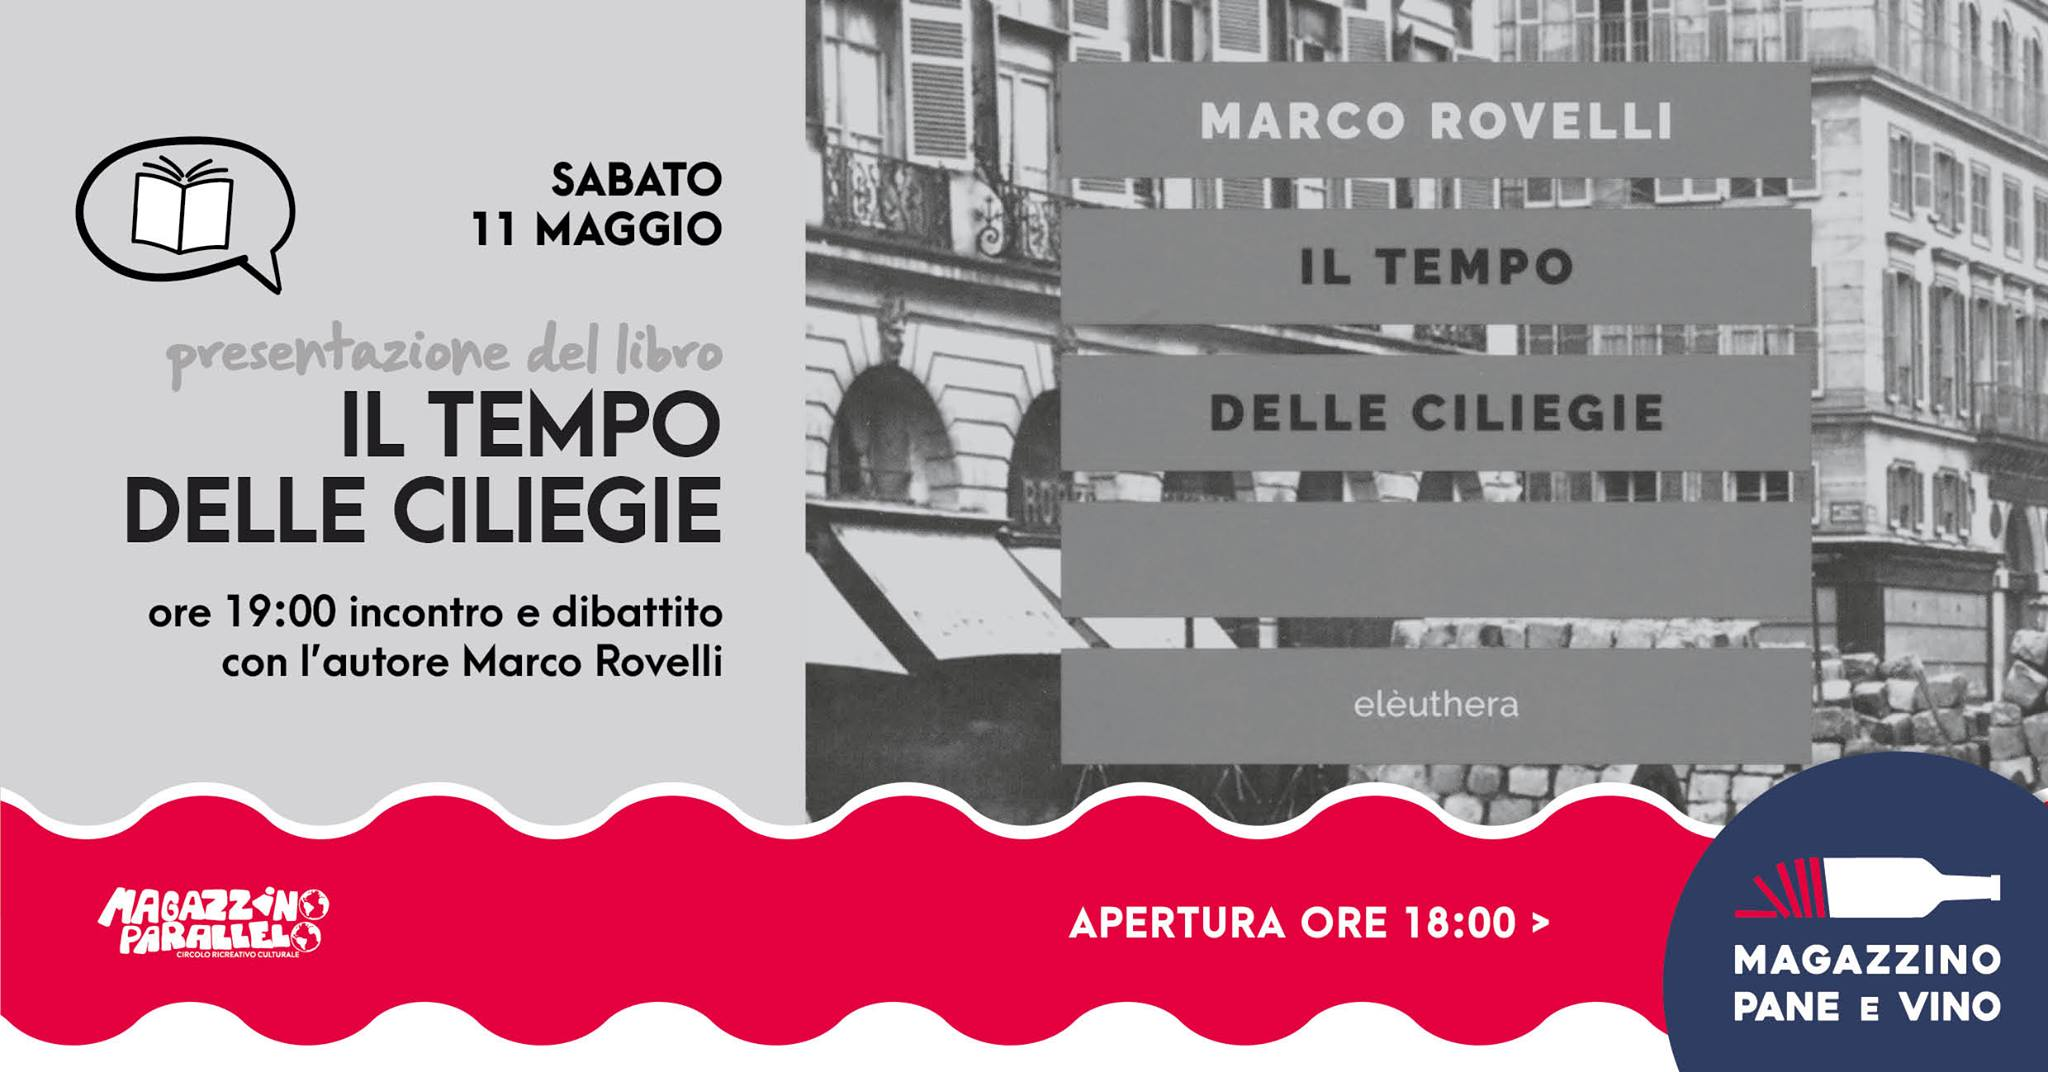 Il tempo delle ciliegie di Marco Rovelli / Magazzino Parallelo